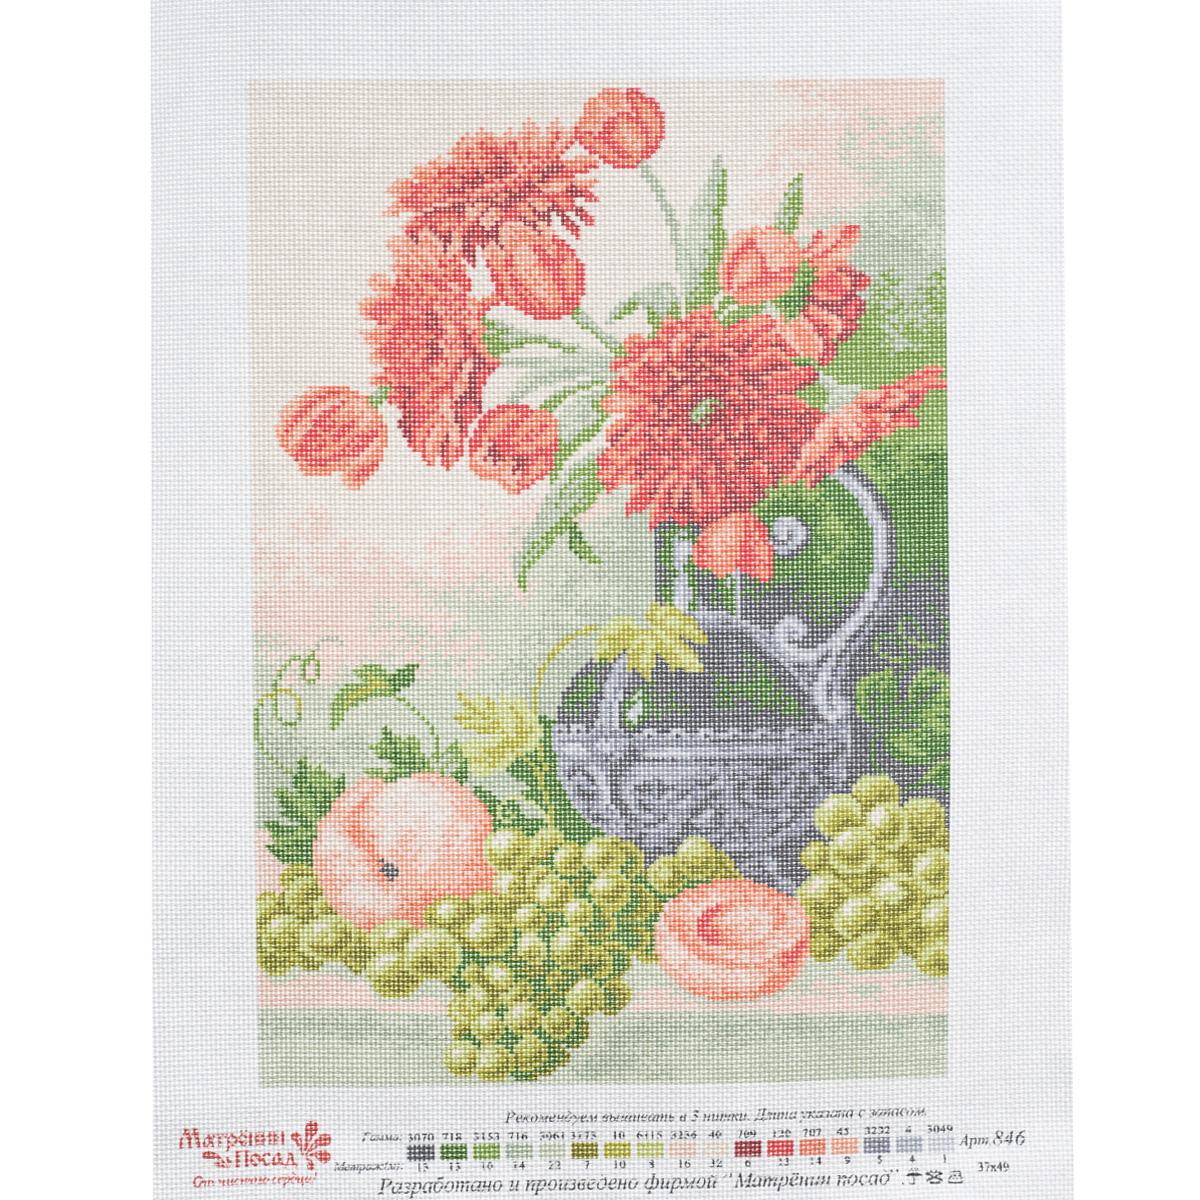 Канва с рисунком для вышивания Восточный натюрморт, 37 х 49 см551080Канва с рисунком для вышивания Восточный натюрморт изготовлена из хлопка. Рисунок-вышивка выполненный на такой канве, выглядит очень оригинально. Вышивка выполняется в технике полный крестик в 2-3 нити или полукрестом в 4 нити. Вышивание отвлечет вас от повседневных забот и превратится в увлекательное занятие! Работа, сделанная своими руками, создаст особый уют и атмосферу в доме и долгие годы будет радовать вас и ваших близких, а подарок, выполненный собственноручно, станет самым ценным для друзей и знакомых. Рекомендуемое количество цветов: 17. Не рекомендуется стирать или мочить рисунок на канве перед вышиванием. УВАЖАЕМЫЕ КЛИЕНТЫ! Обращаем ваше внимание, на тот факт, что цвет символа на ткани может отличаться от реального цвета нити мулине.